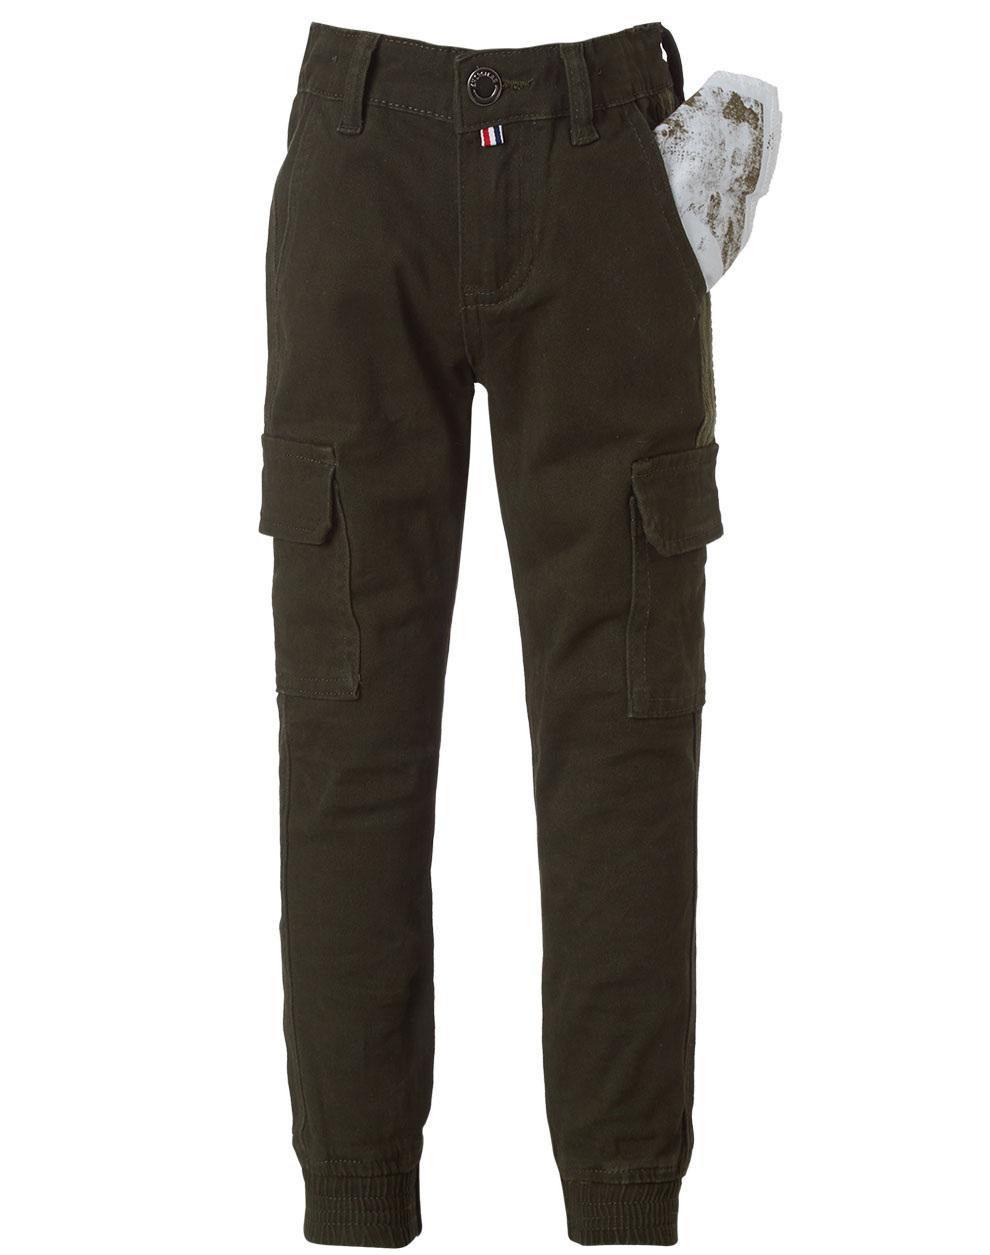 Ελαστικό παντελόνι cargo με λάστιχο στο πόδι 13-119007-2 - Λαδί - 16065-6/12/22/108